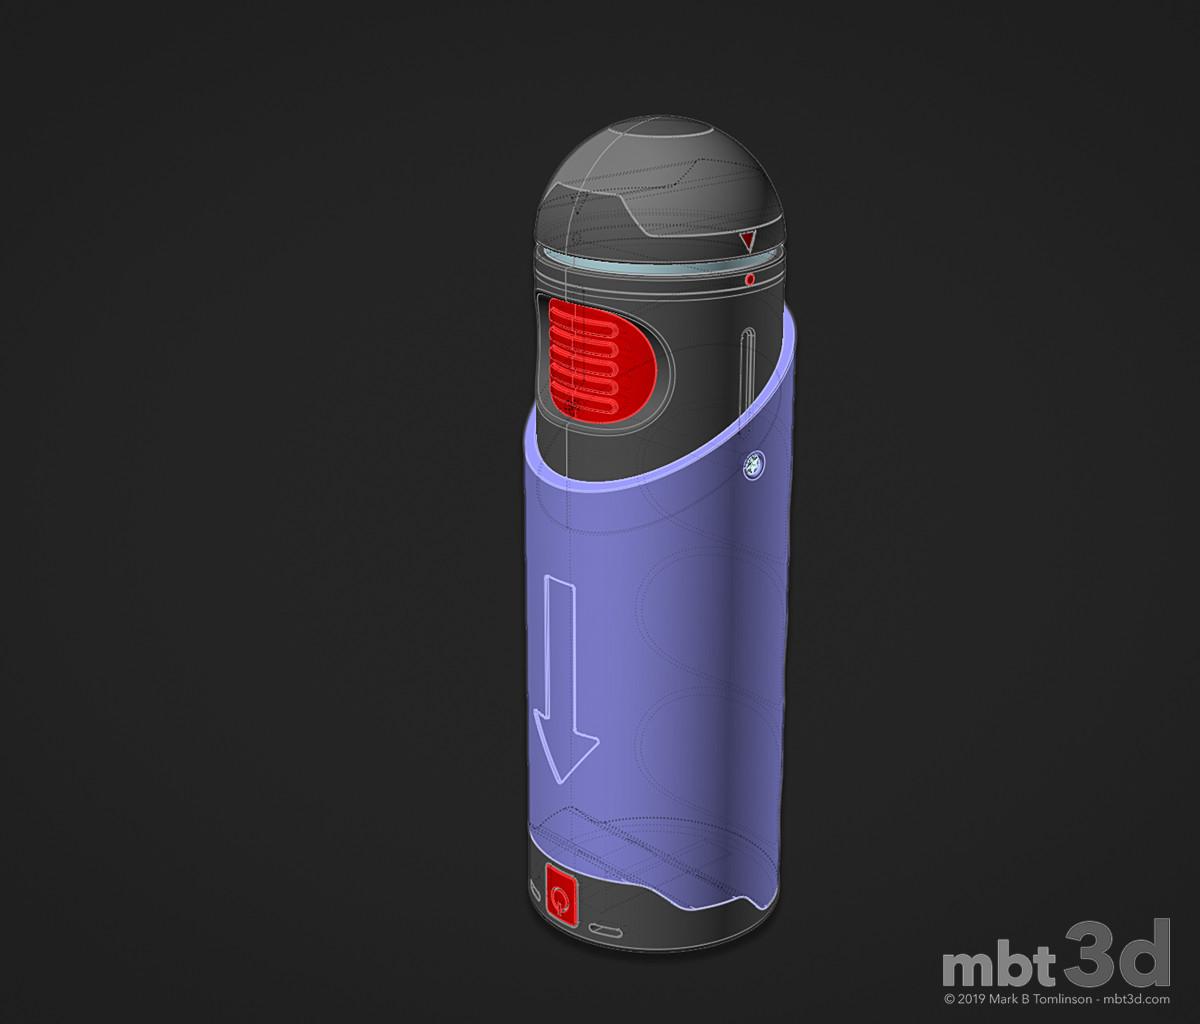 Power Plunger: Moi3d